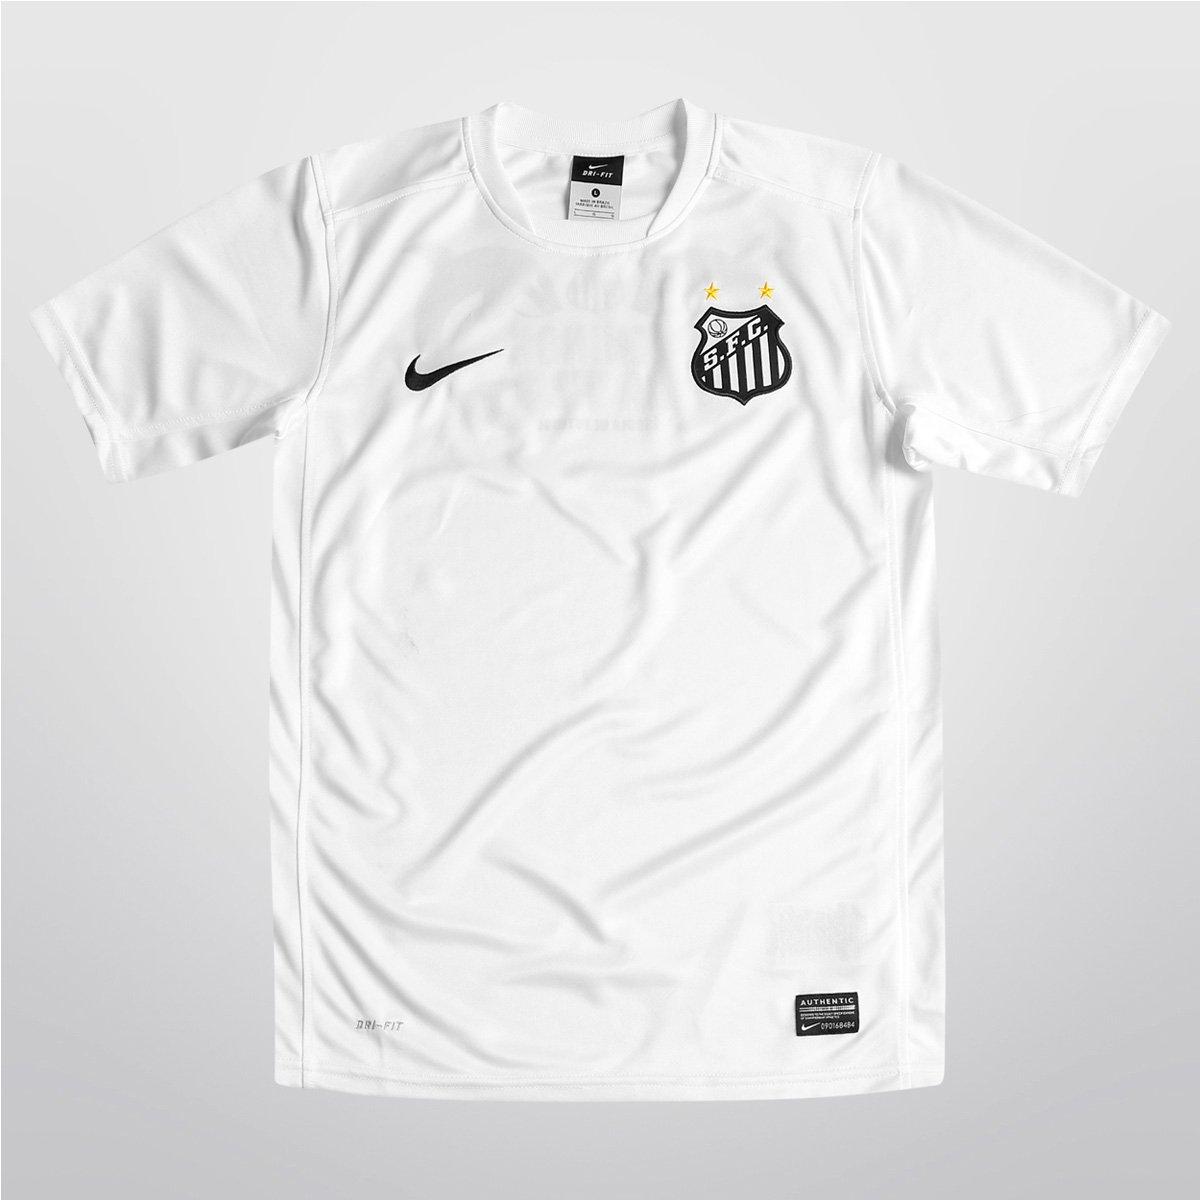 Camisa Nike Santos Treino 13 14 Infantil - Compre Agora  be6dbd2269b8c